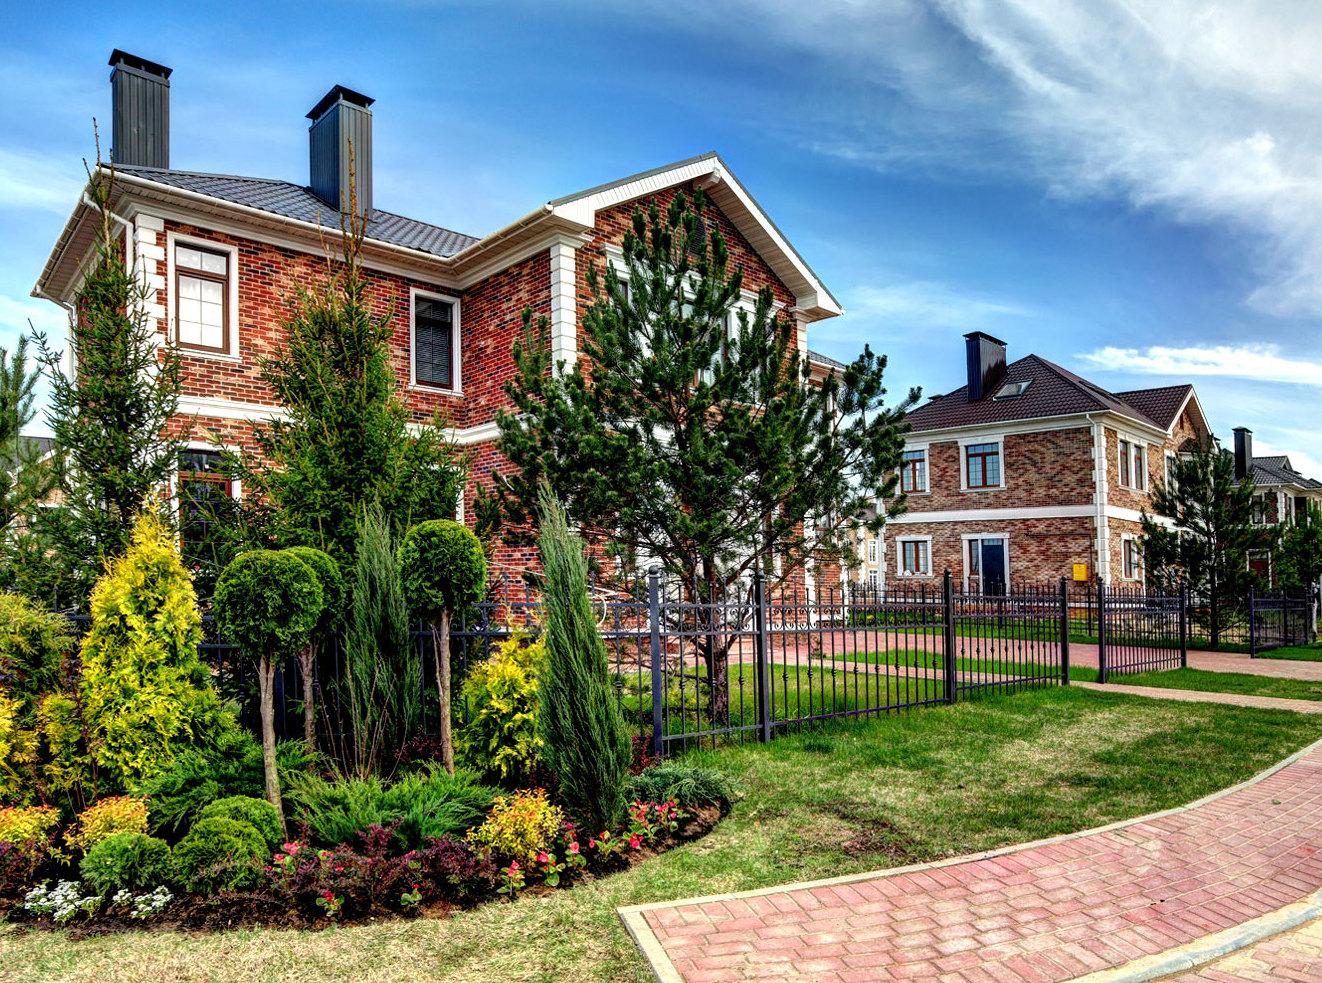 Загородный рынок недвижимости: 5 ловушек для заемщика